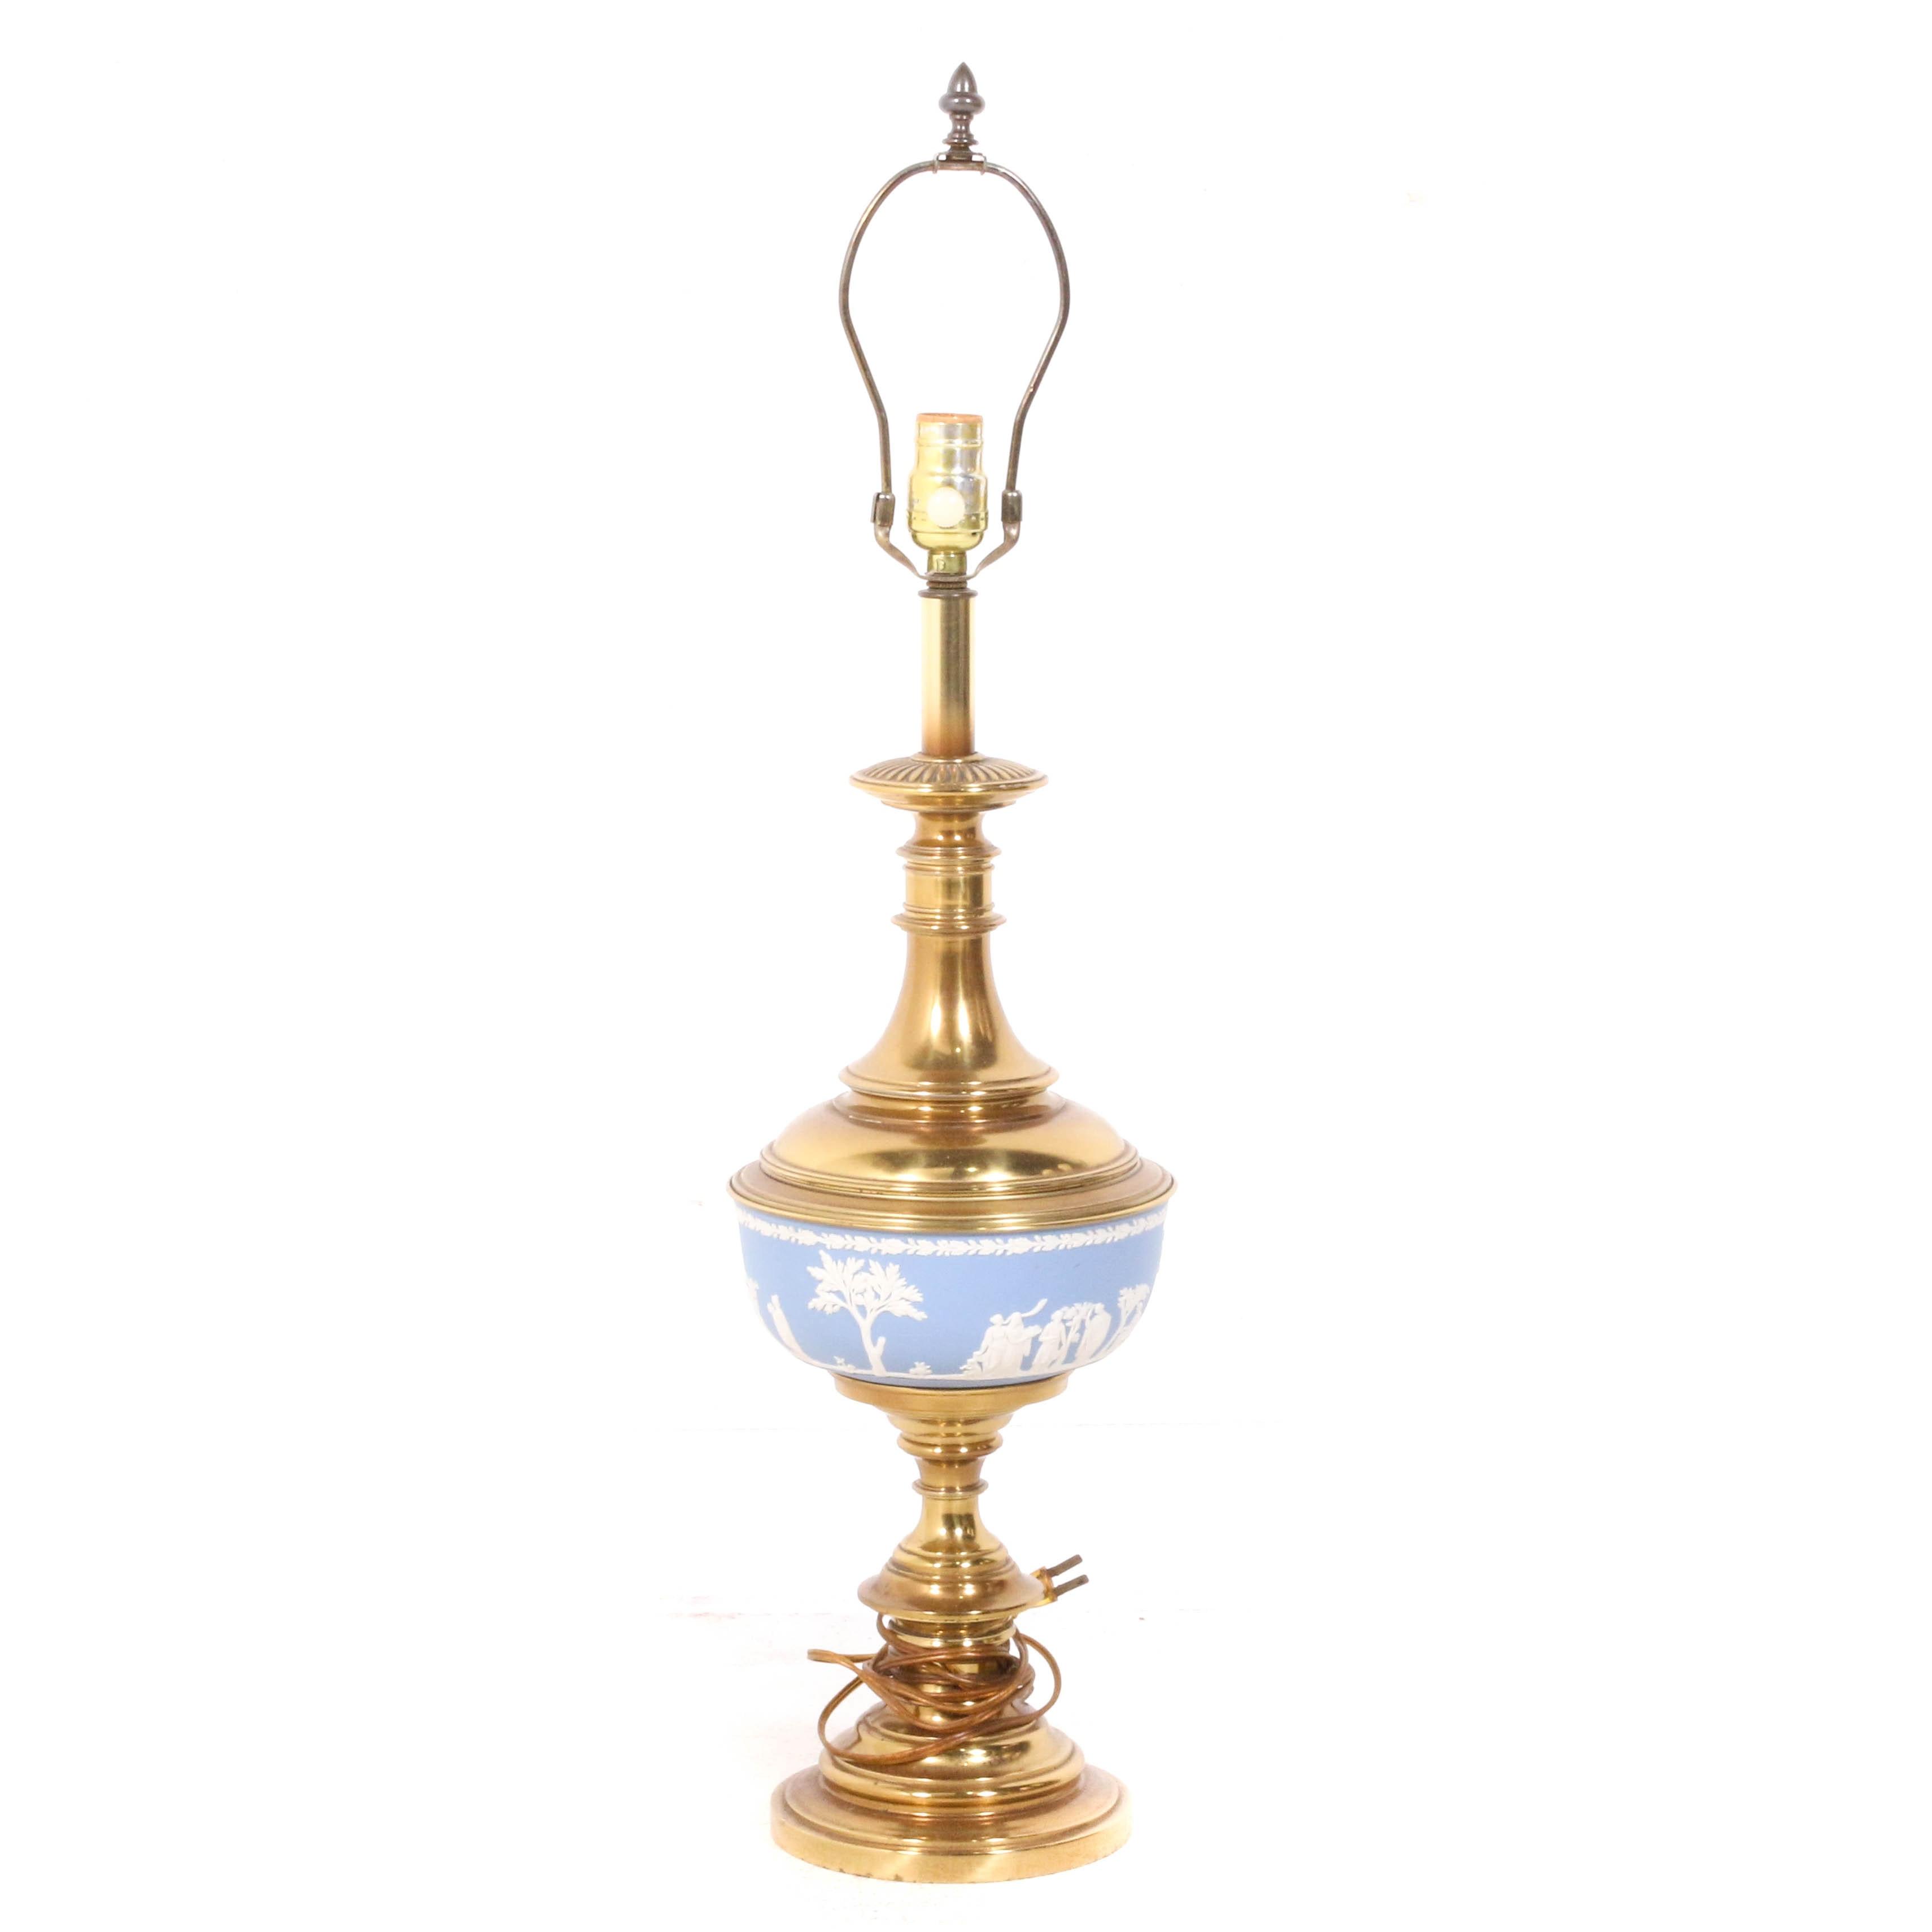 Jasperware and Brass Table Lamp